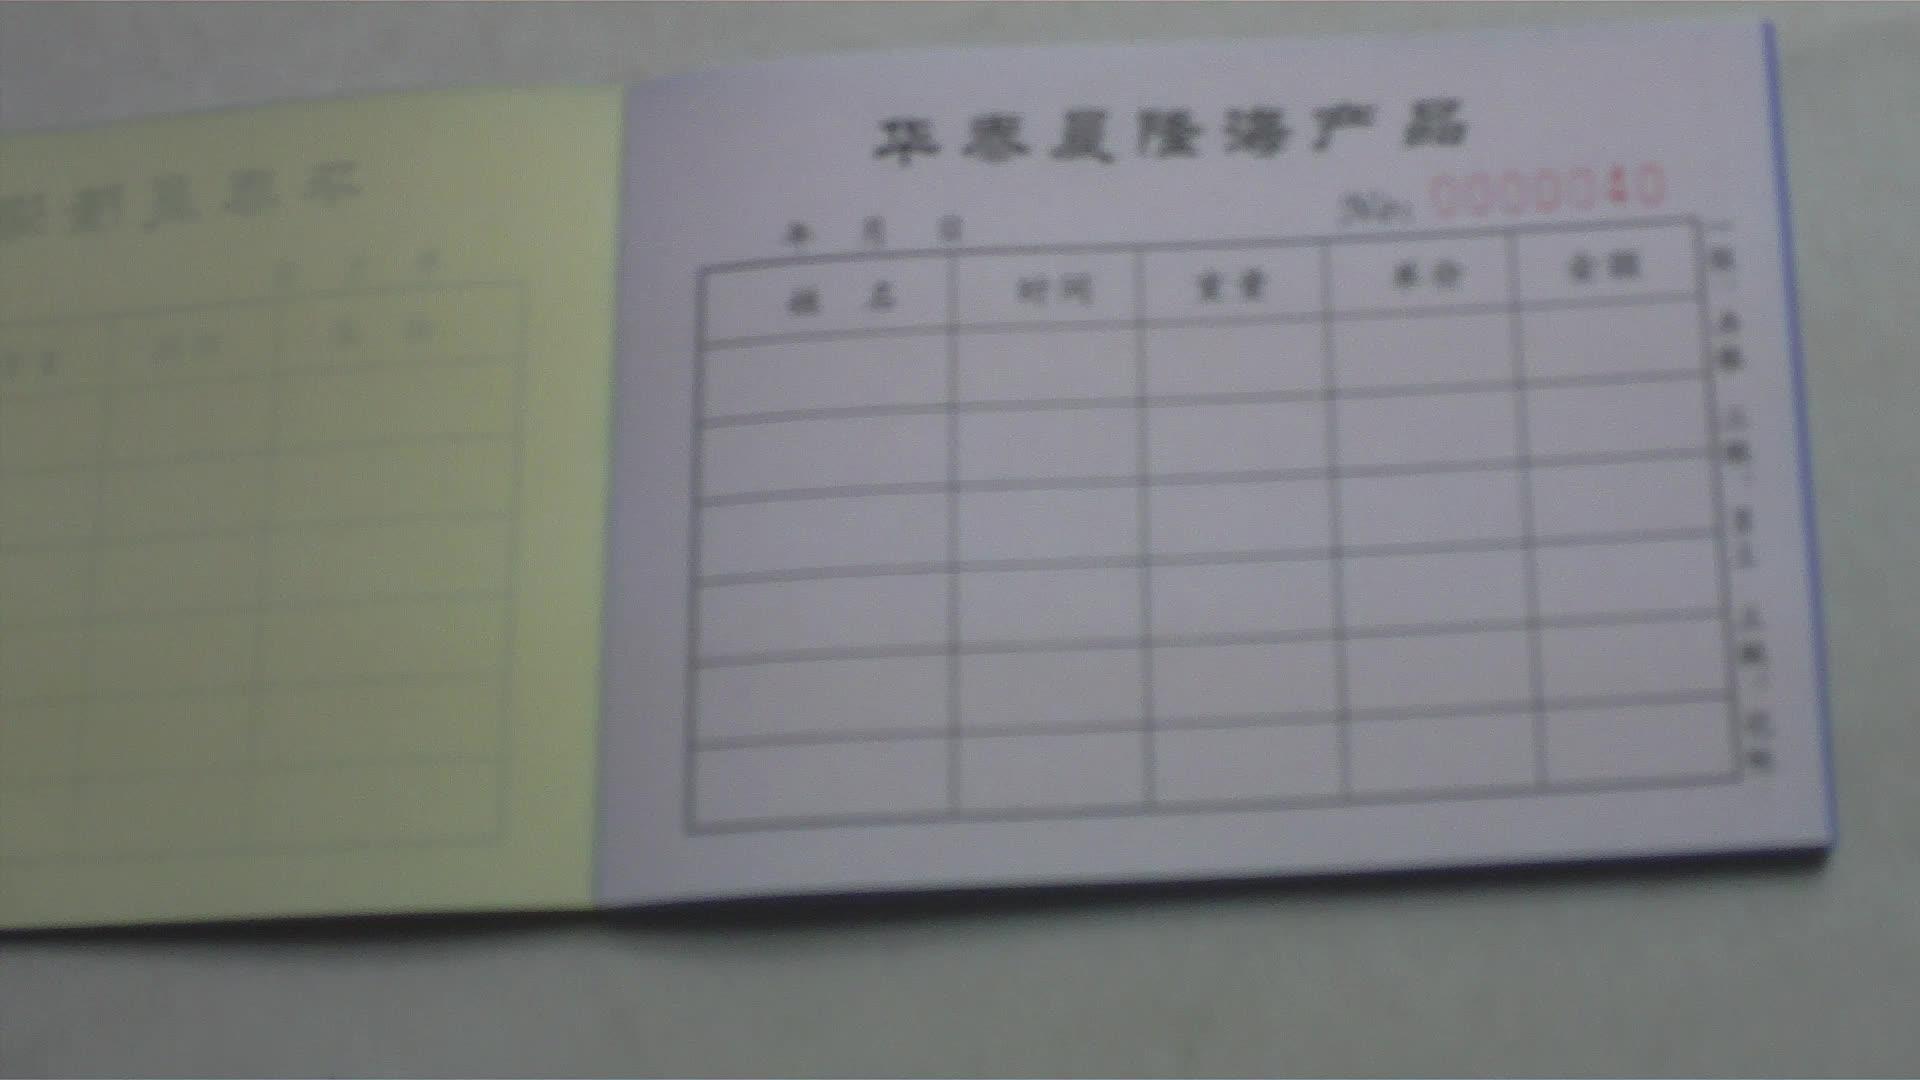 Tamaño A5 garantía triplicada recibo de la Orden de efectivo libro sin carbón